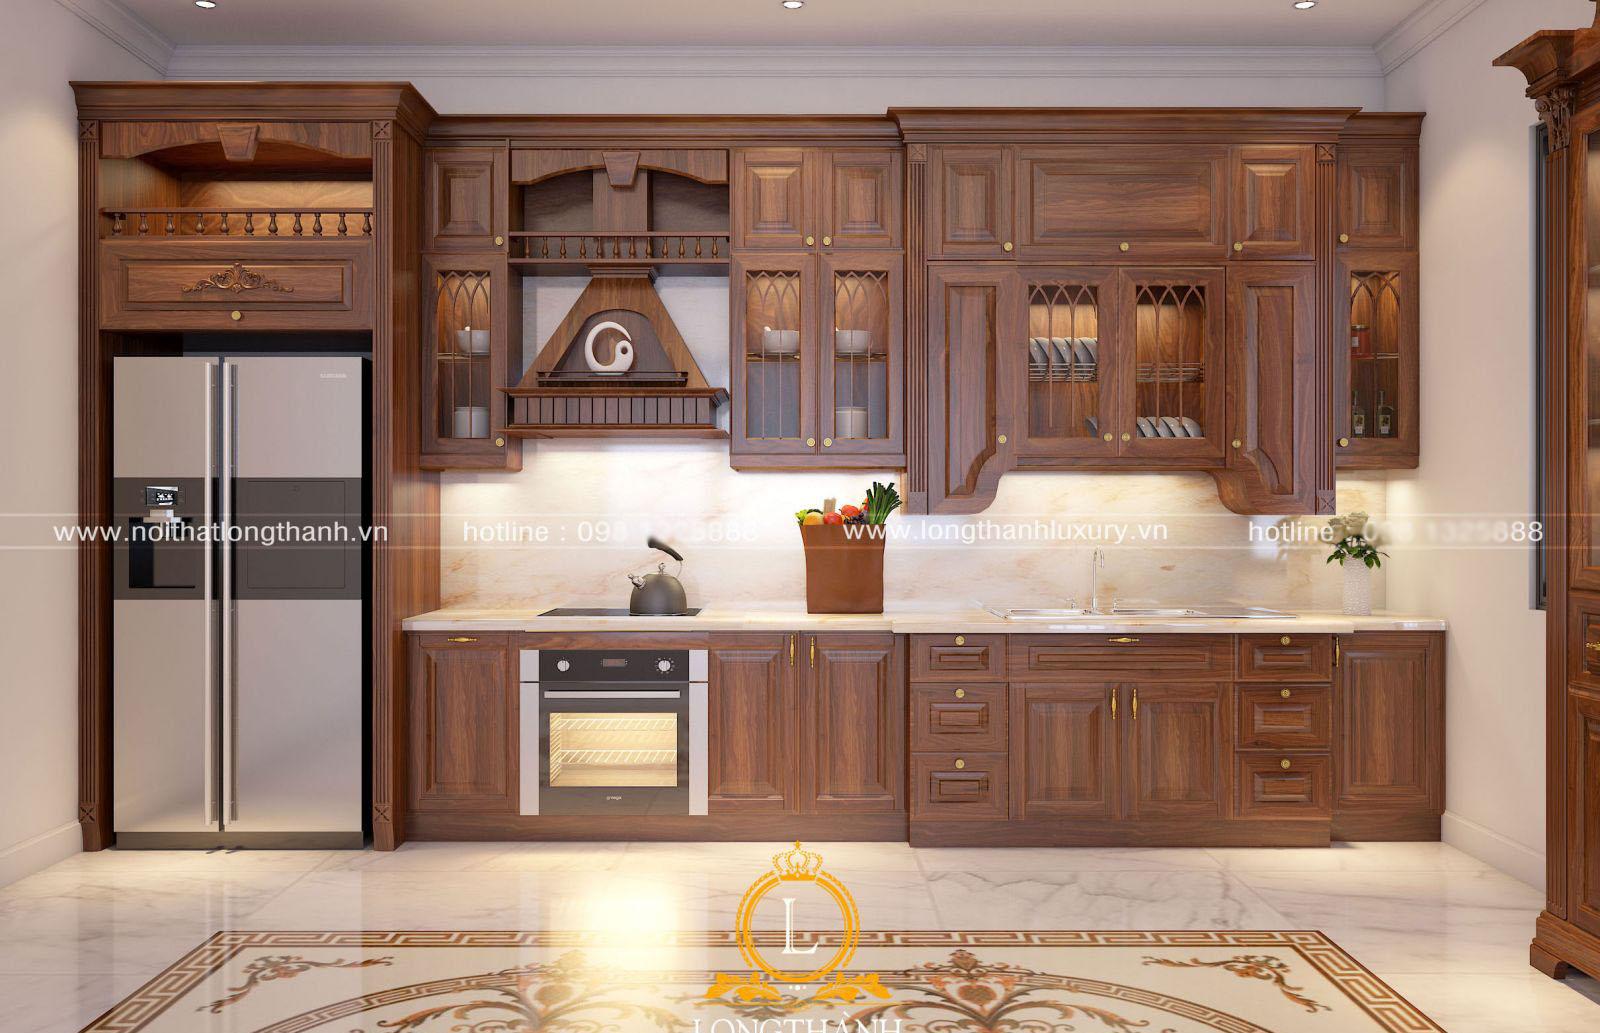 Tủ bếp tân cổ điển thanh lịch cho chung cư